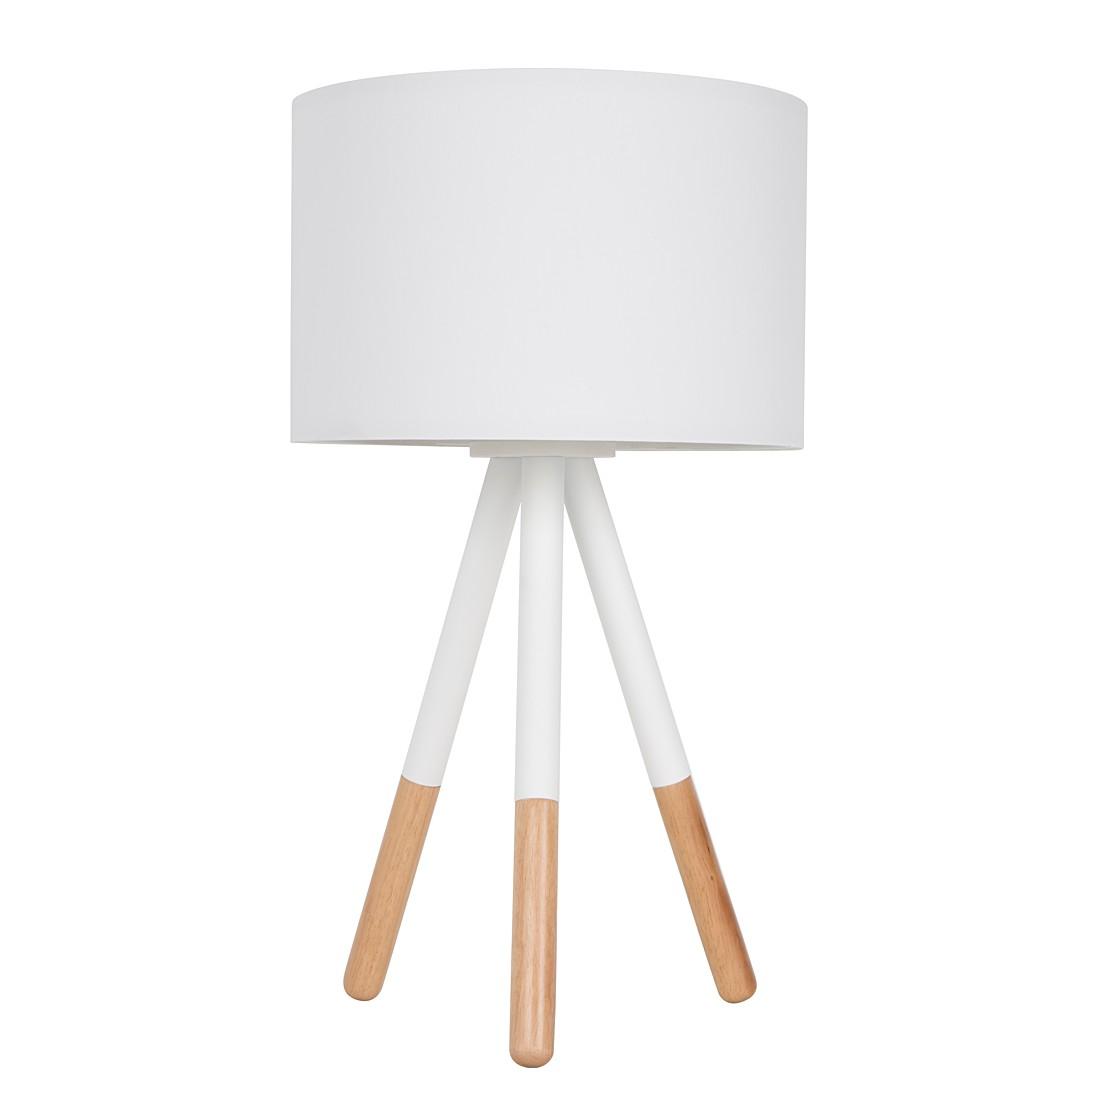 EEK A++, Lampe de table HIGHLAND - Métal / Bois 1 ampoule, Zuiver